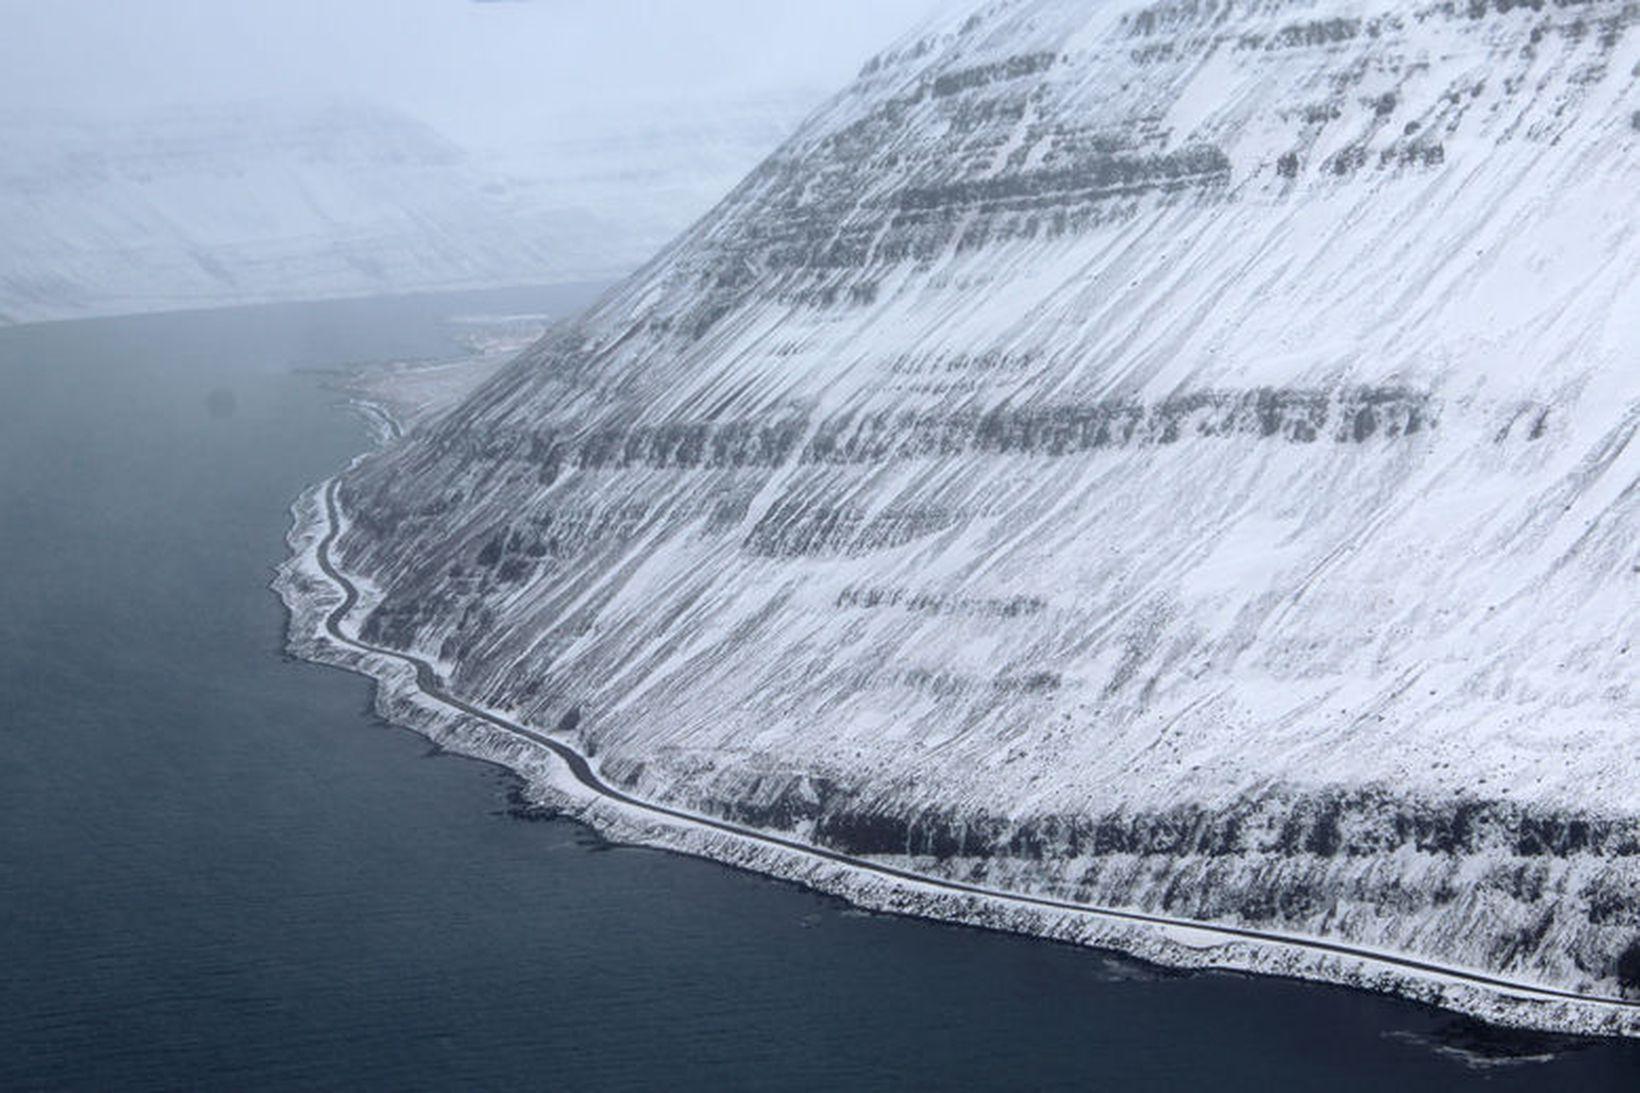 Óvissustig er í gildi vegna snjóflóðahættu í Súðavíkurhlíð. Myndin er …